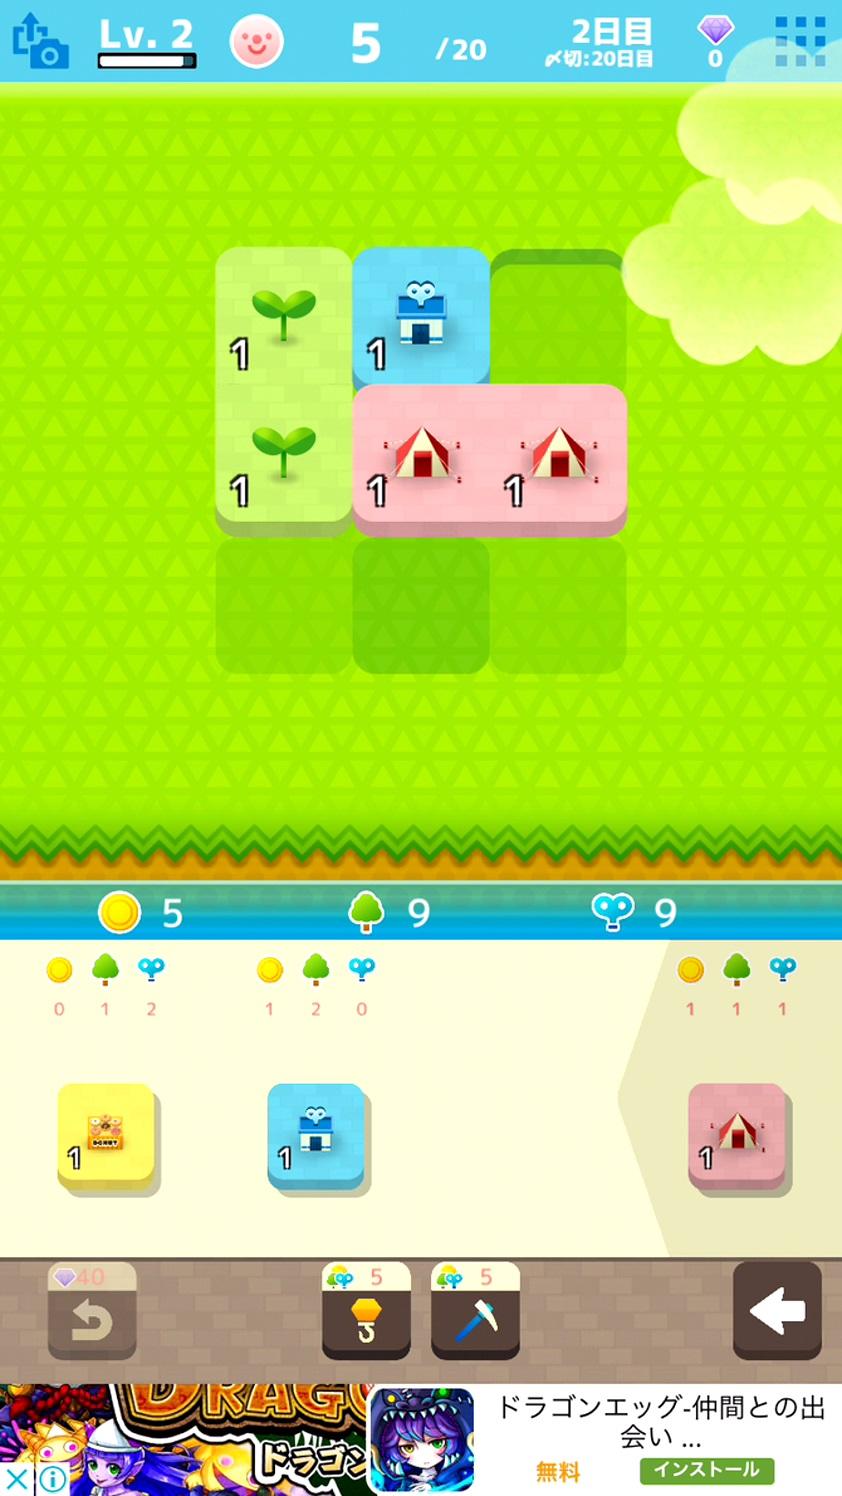 街づくりパズル エコノミシティ - Economicity - androidアプリスクリーンショット1